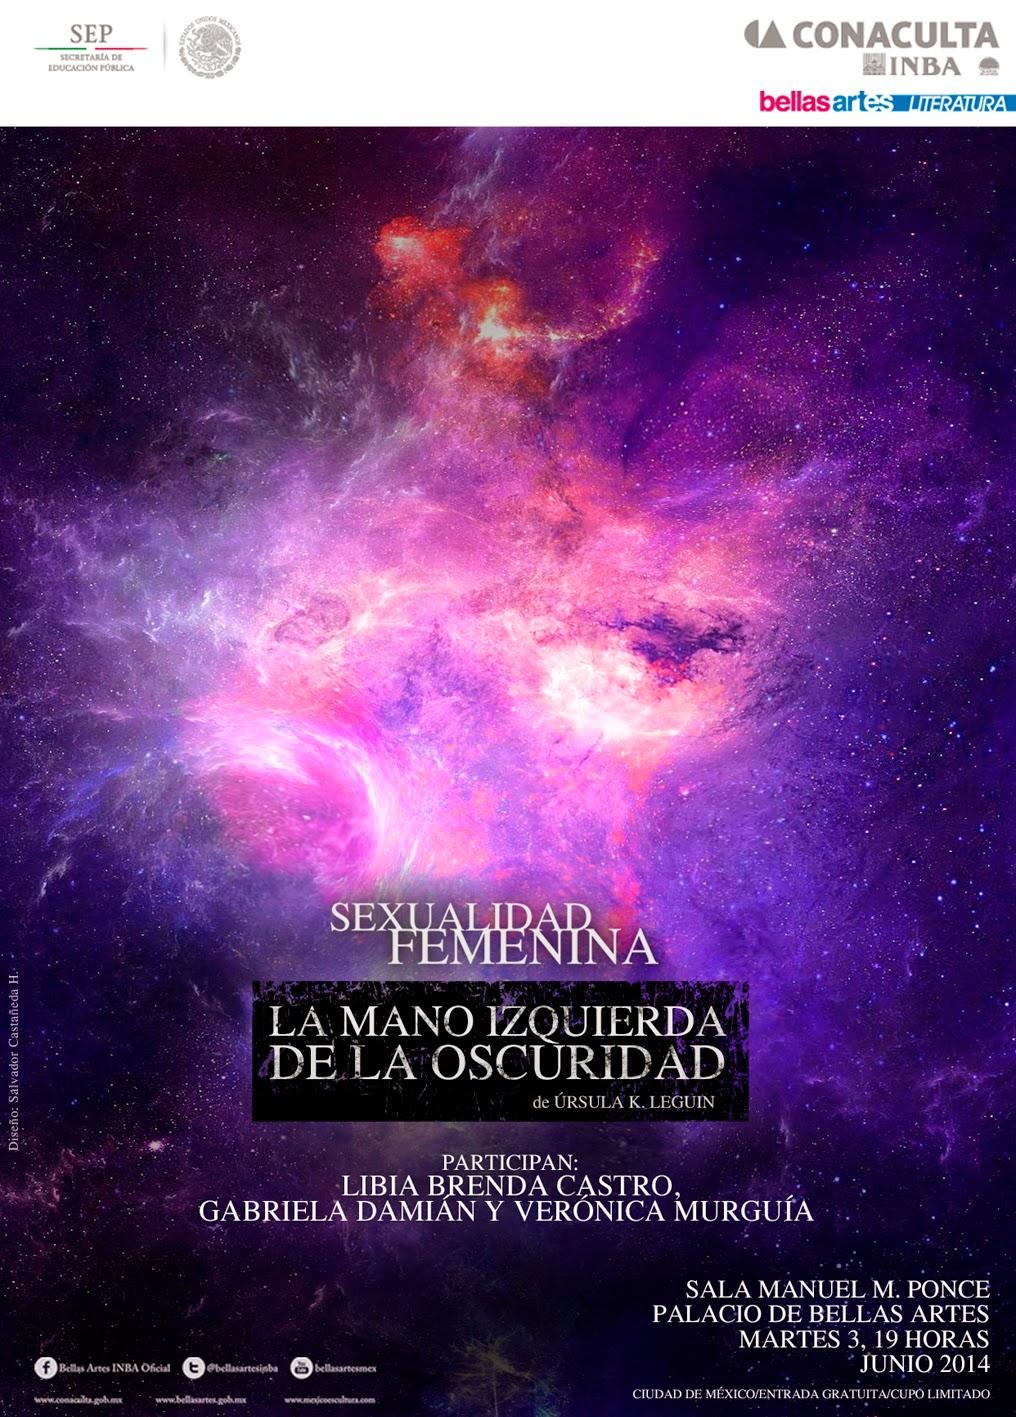 """El ciclo """"La sexualidad femenina"""" presenta a Úrsula K. Leguin en Bellas Artes"""